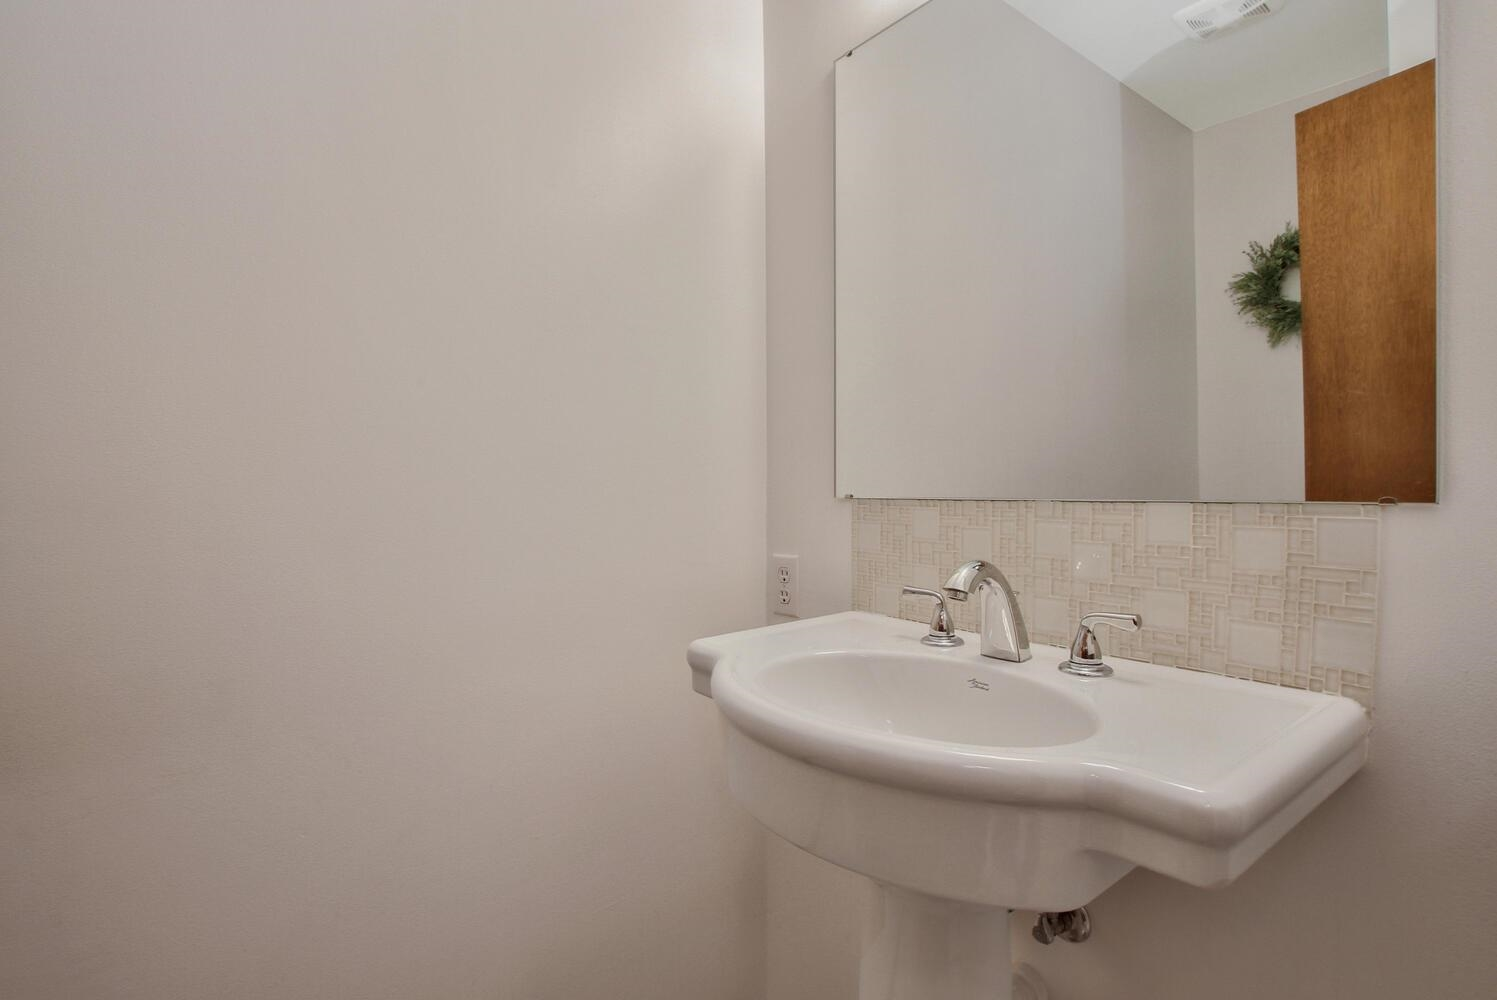 Pedestal sink in half bath.